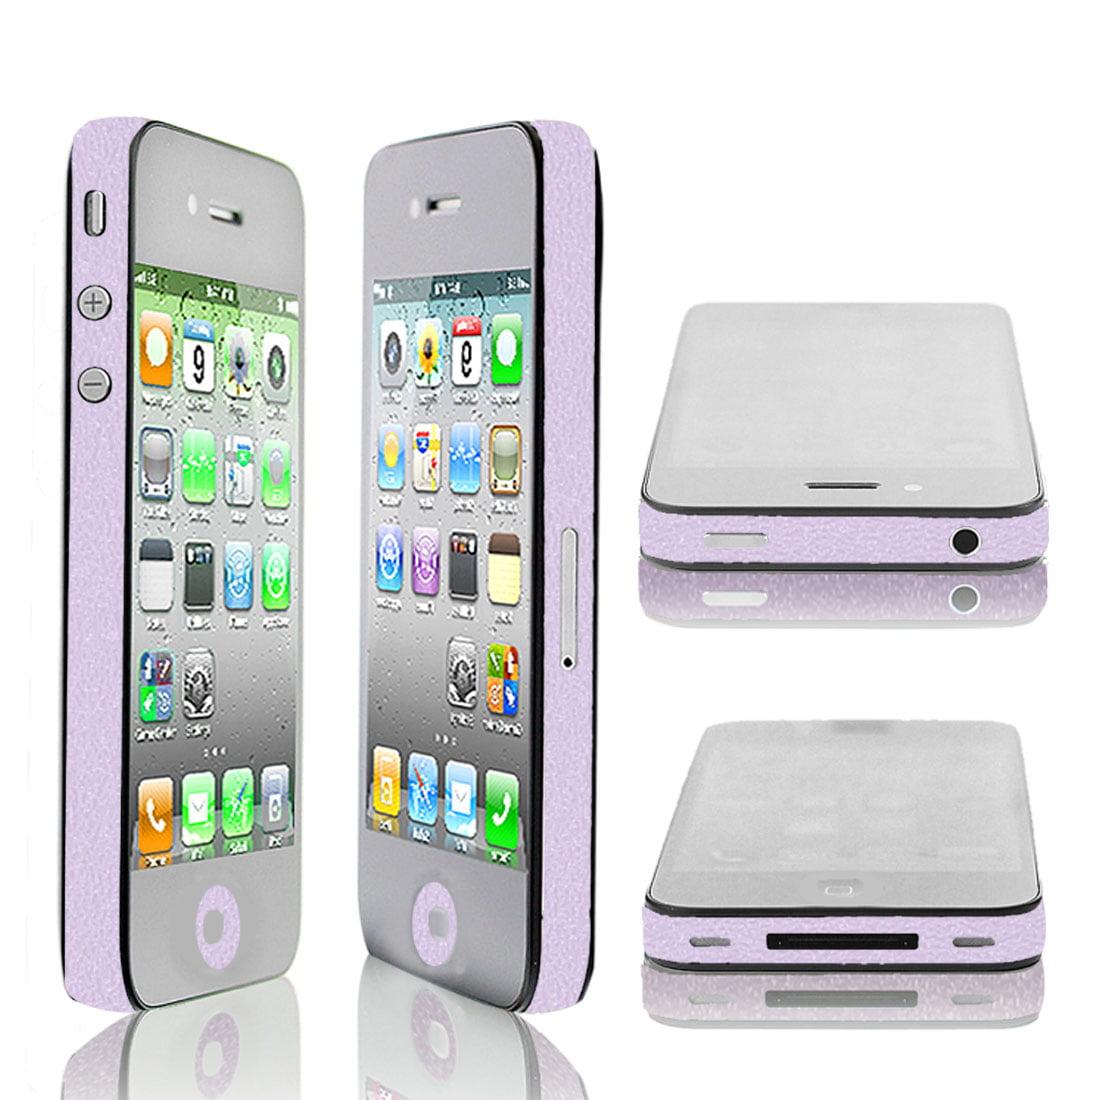 Unique Bargains DIY Button Frame Sticker Edge Wrap Decal Light Purple for Apple iPhone 4 4S 4